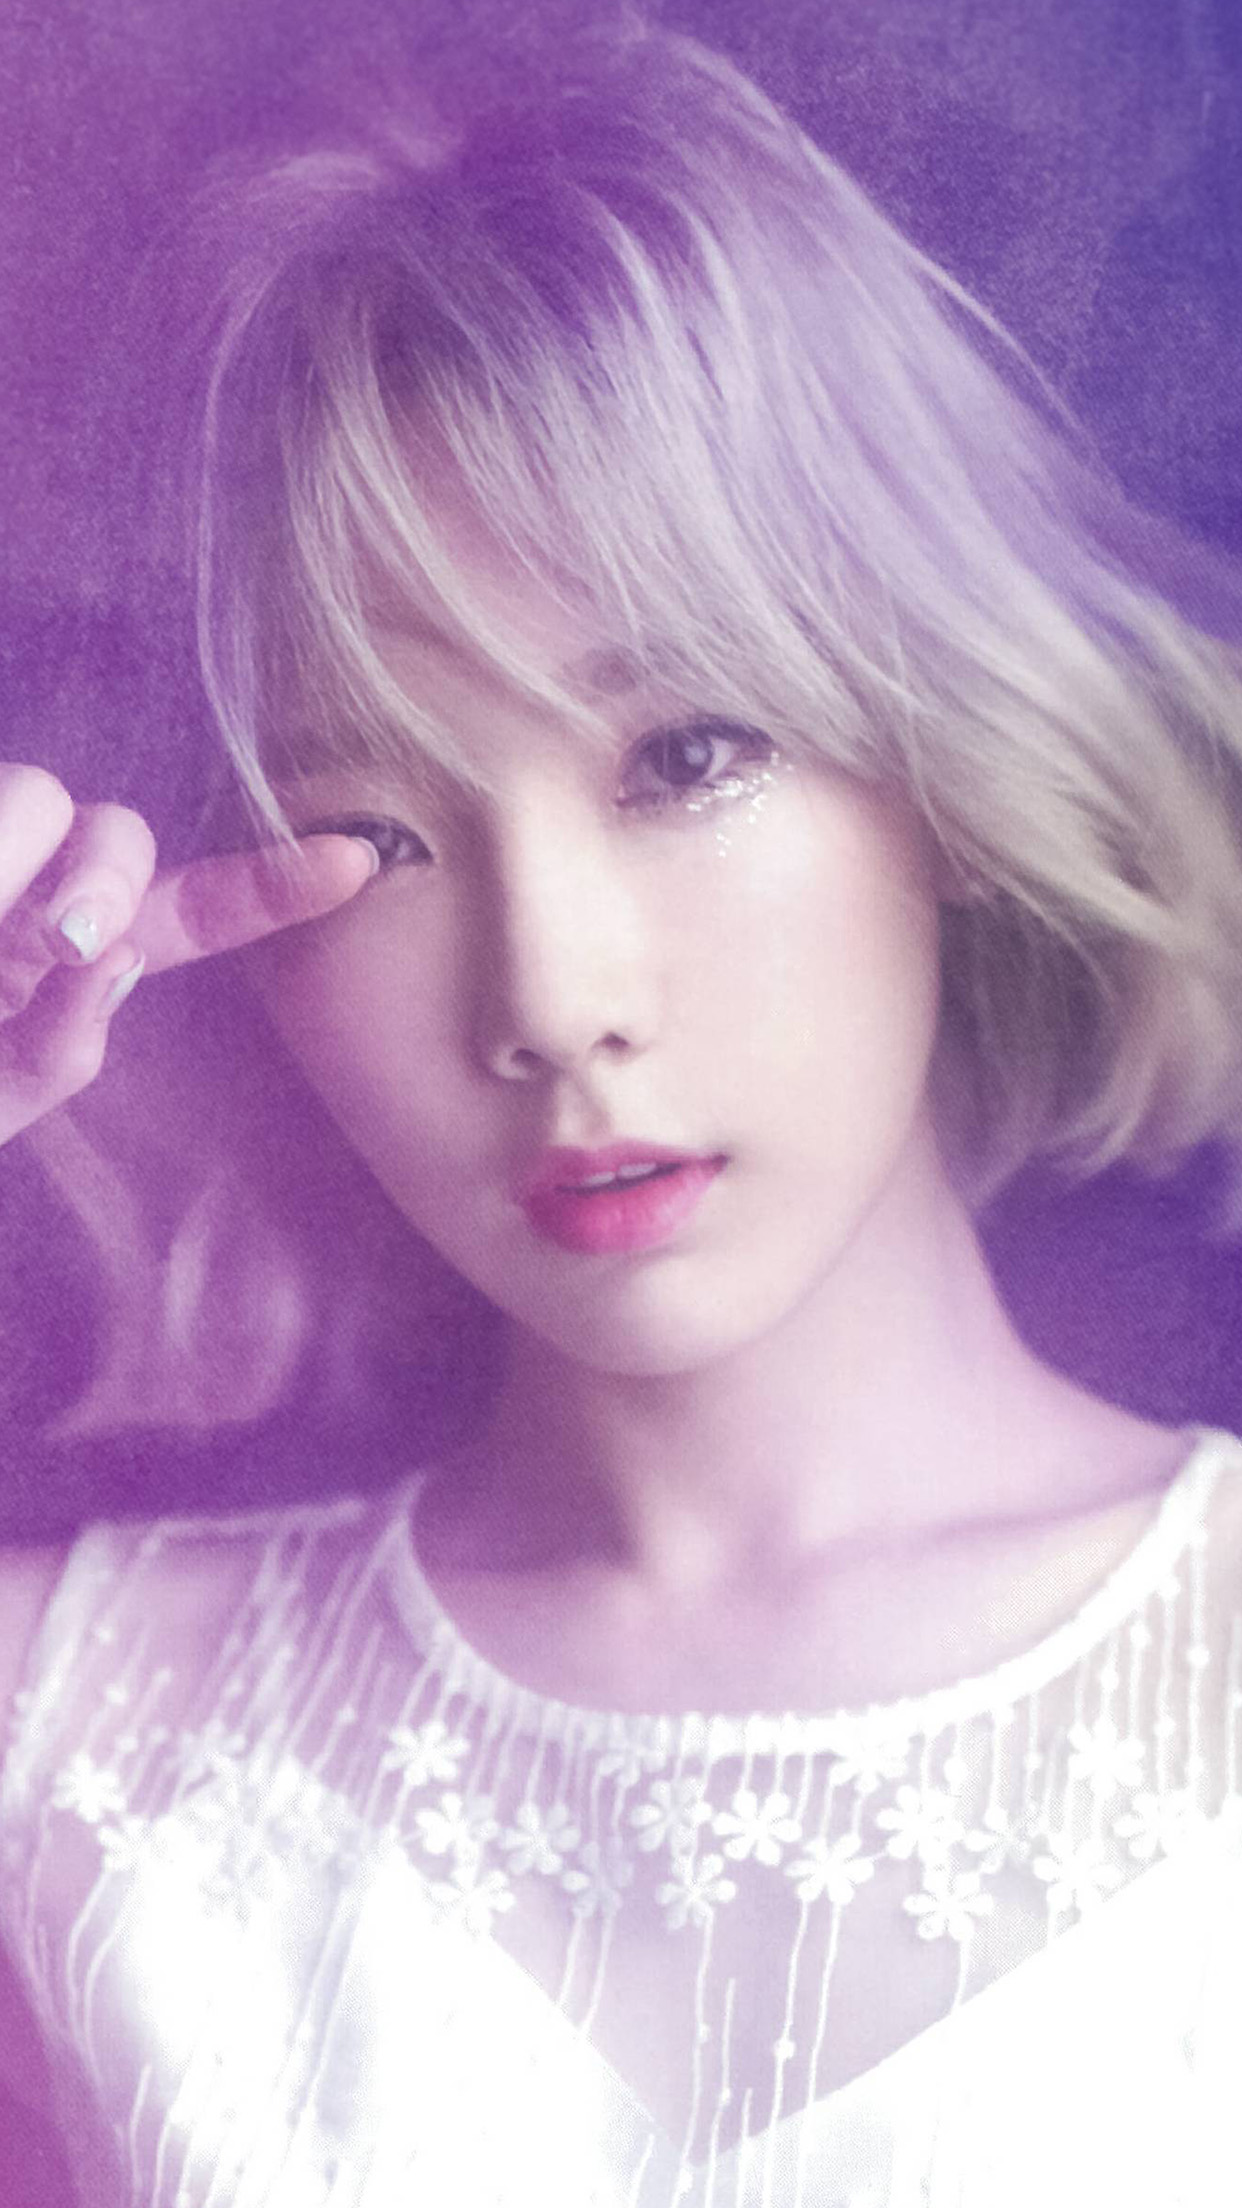 Girl New Wallpaper Hd Hn52 Taeyeon Kpop Snsd Girl Wallpaper